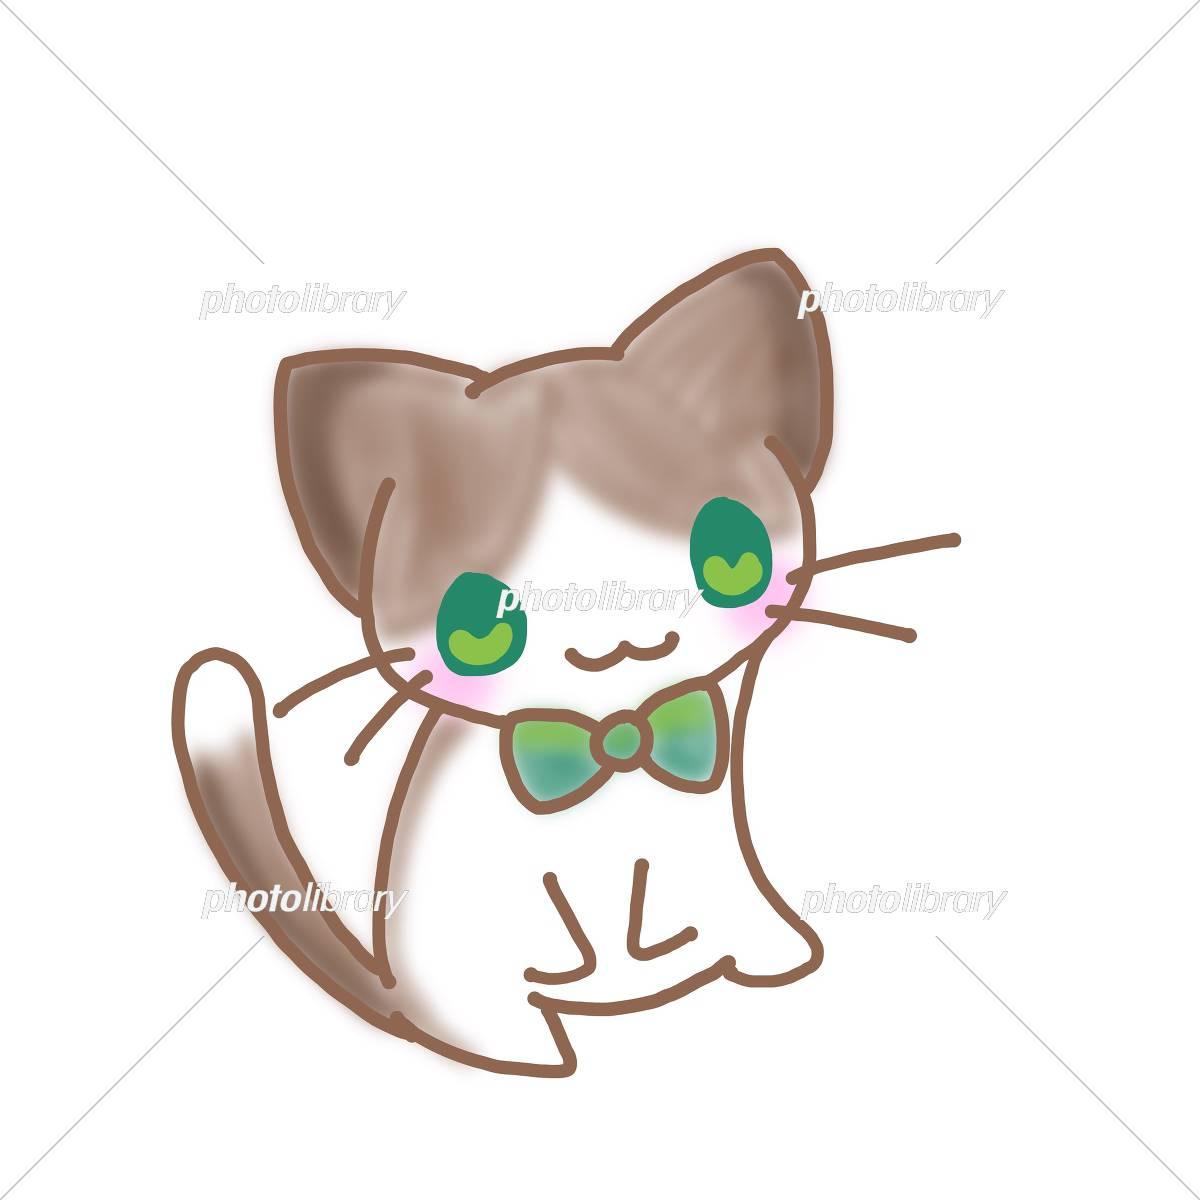 おしゃれな猫 イラスト素材 [ 5454226 ] - フォトライブラリー photolibrary